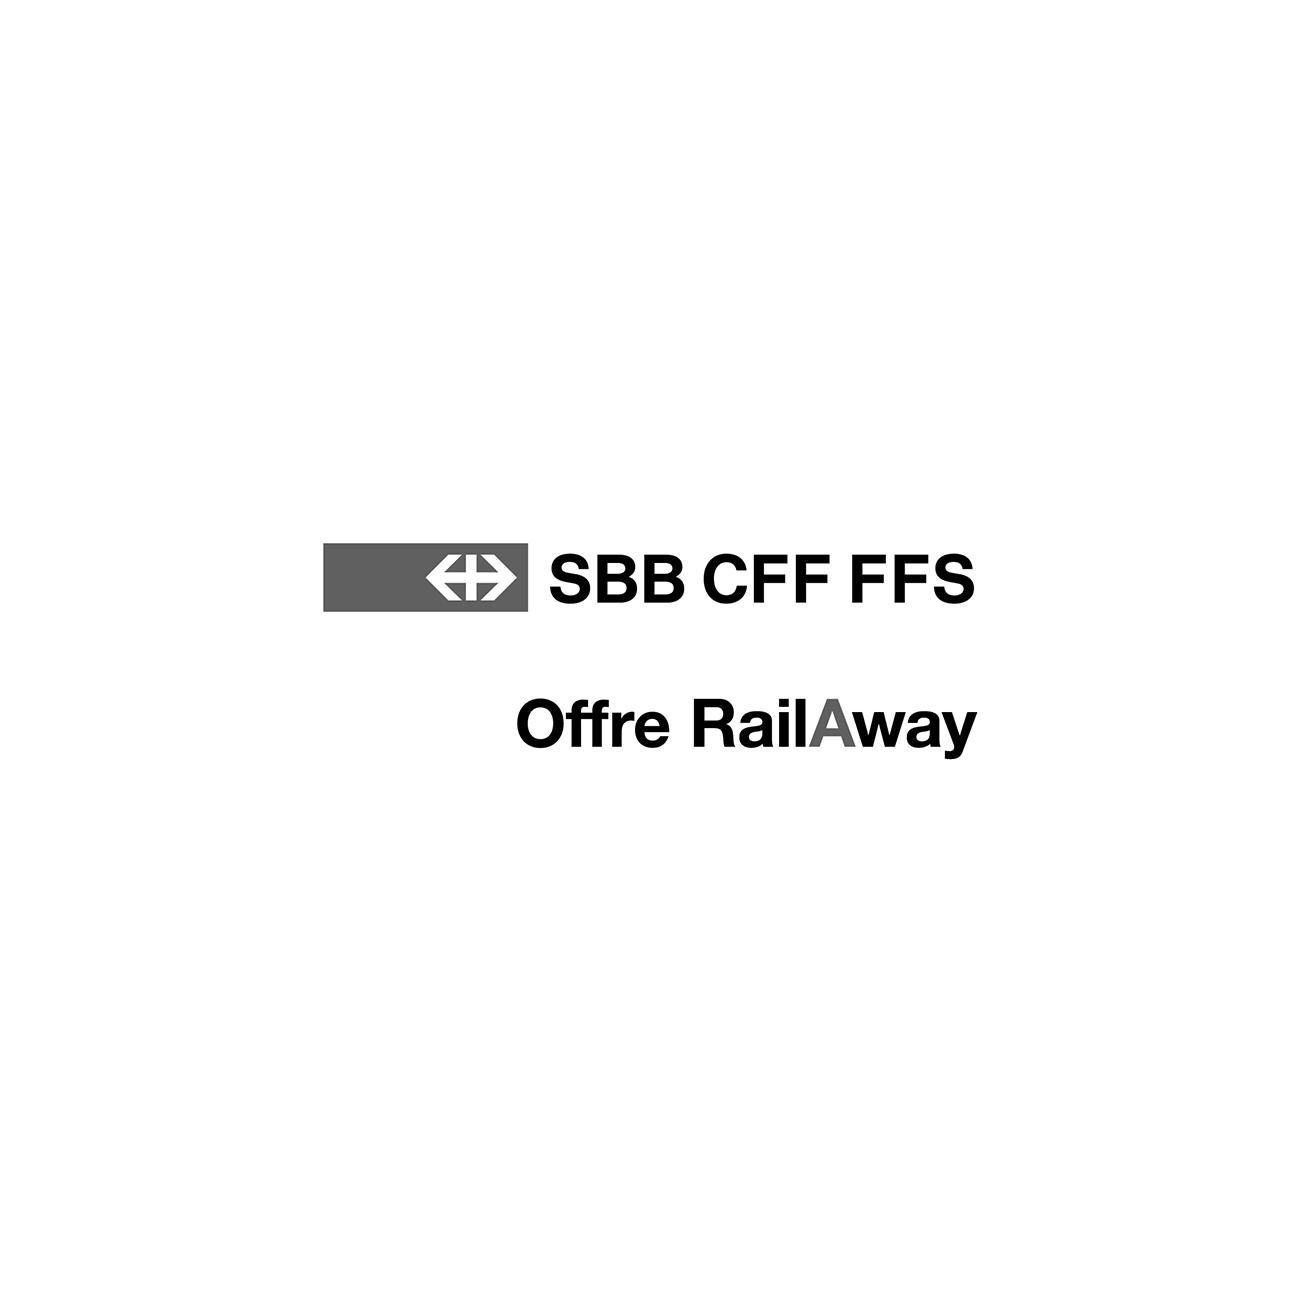 RailAway CFF